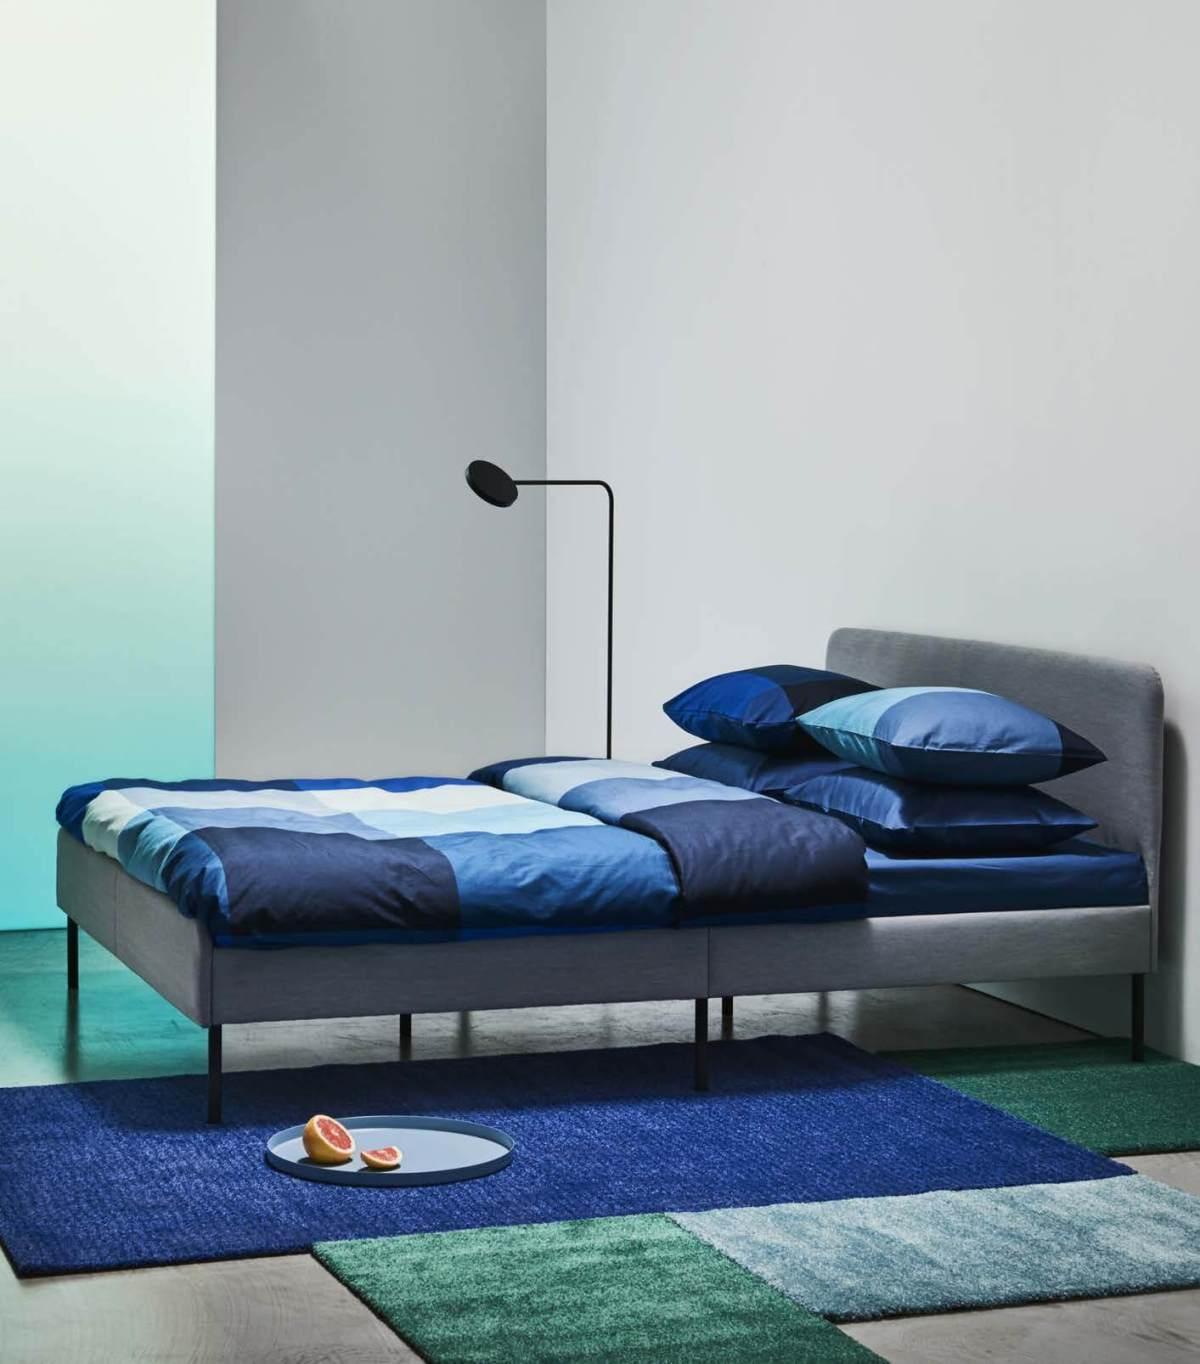 SLATTUM upholstered queen bed frame